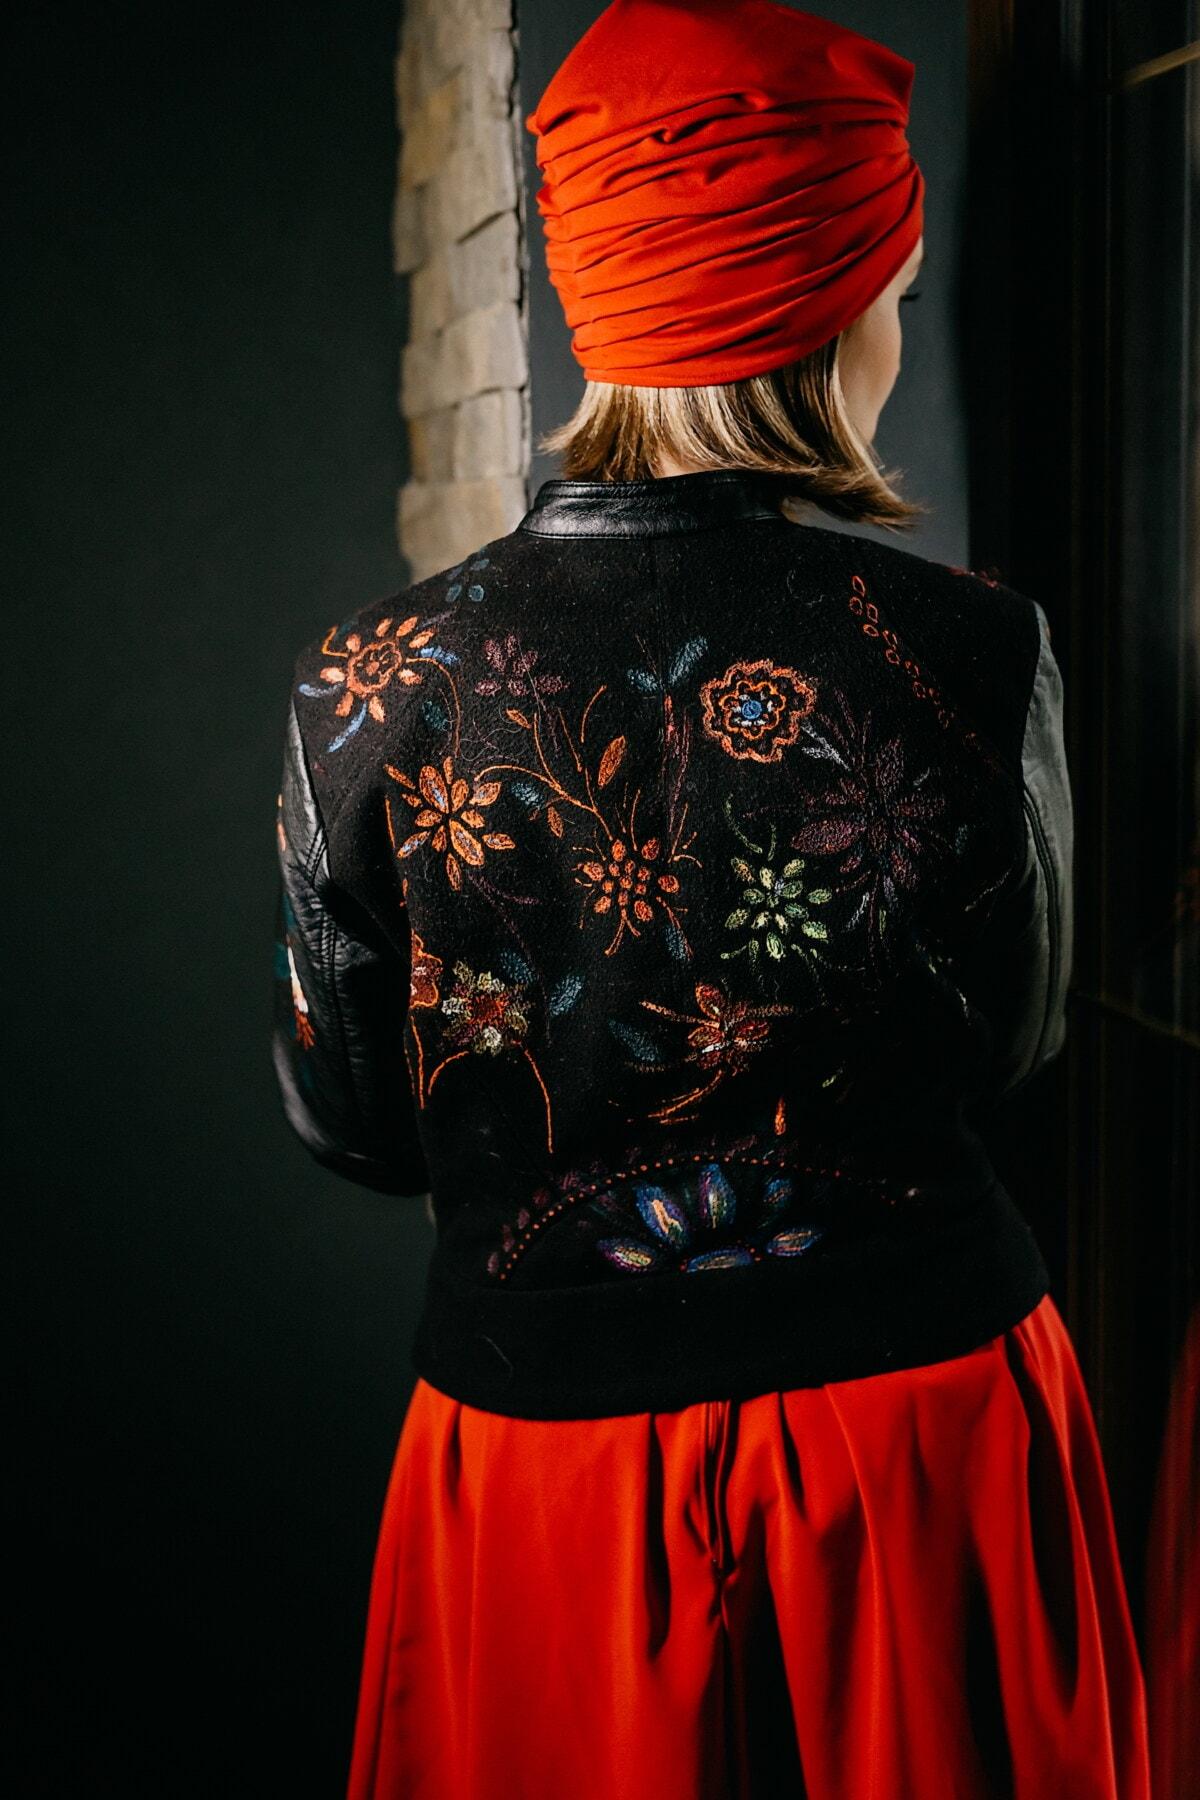 červená, Šatka, trendy, kožené, bunda, ručná práca, dizajn, umelecké, vintage, dievča